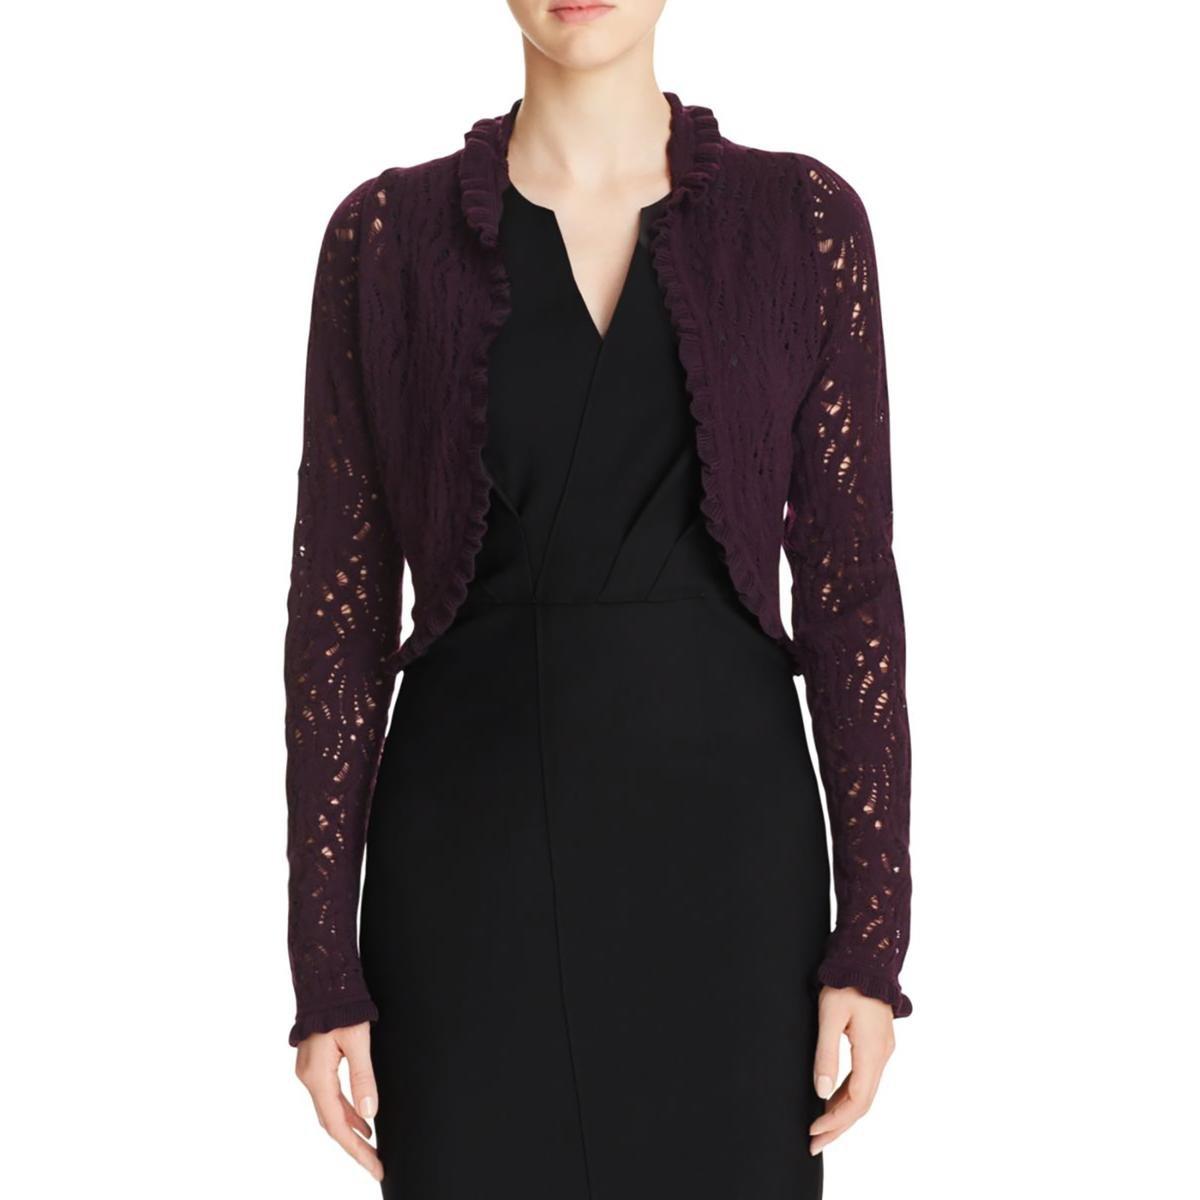 Elie Tahari Womens Carey Merino Wool Ruffled Shrug Purple XS